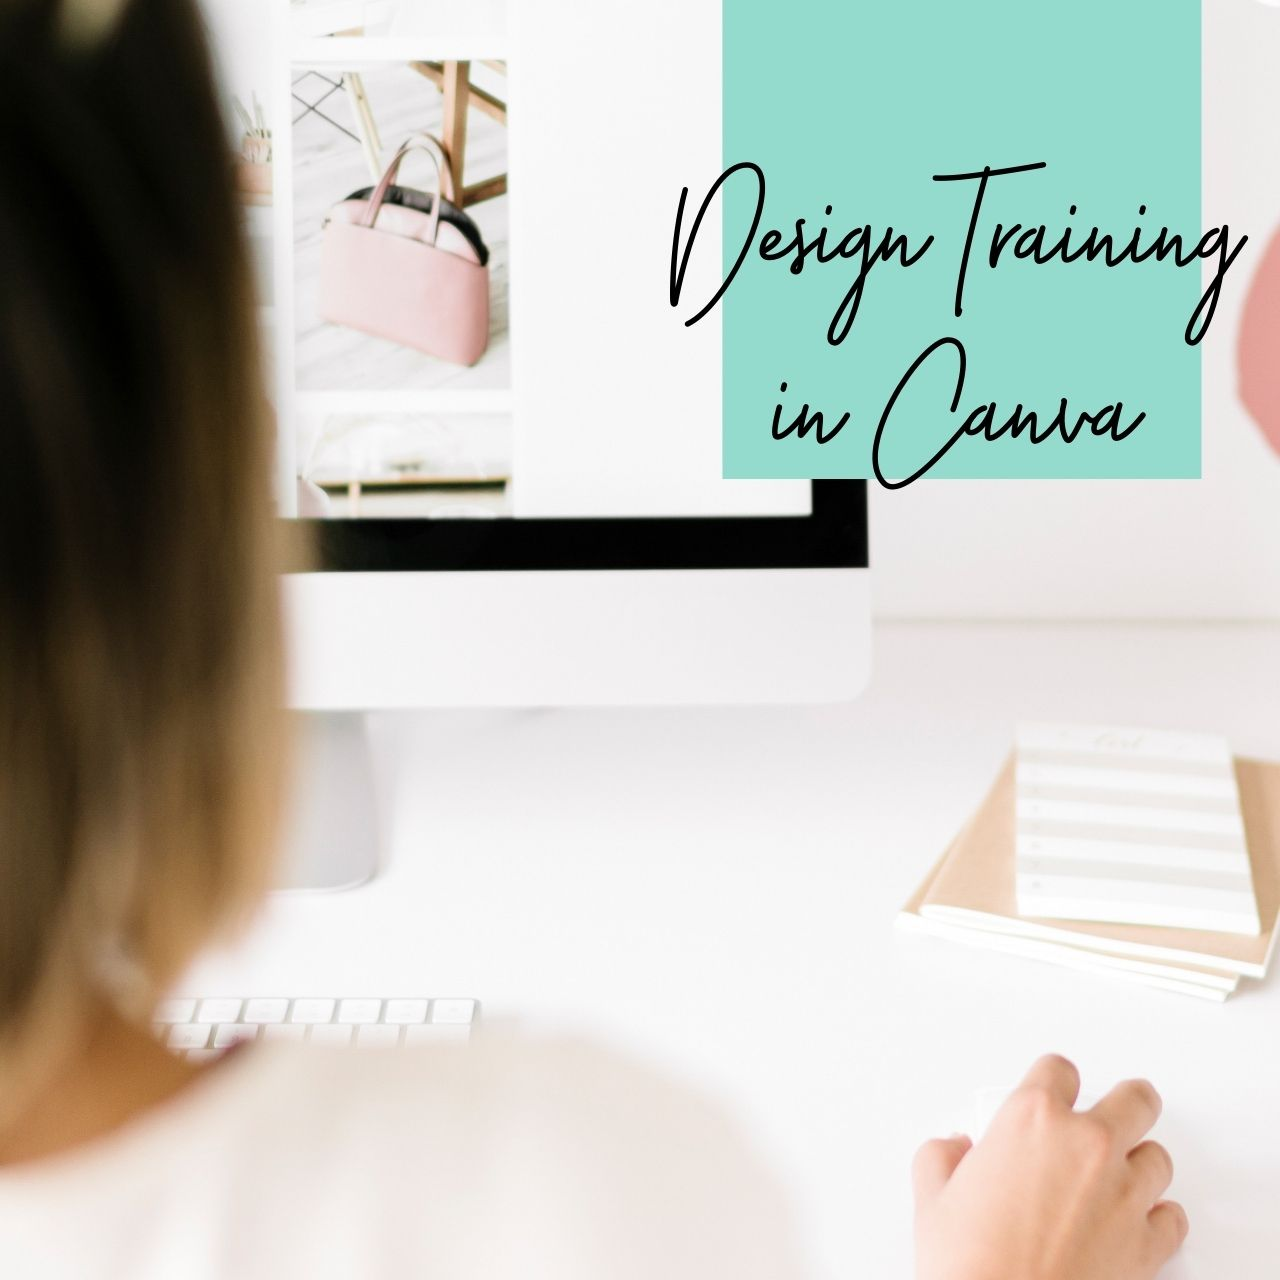 Design Training